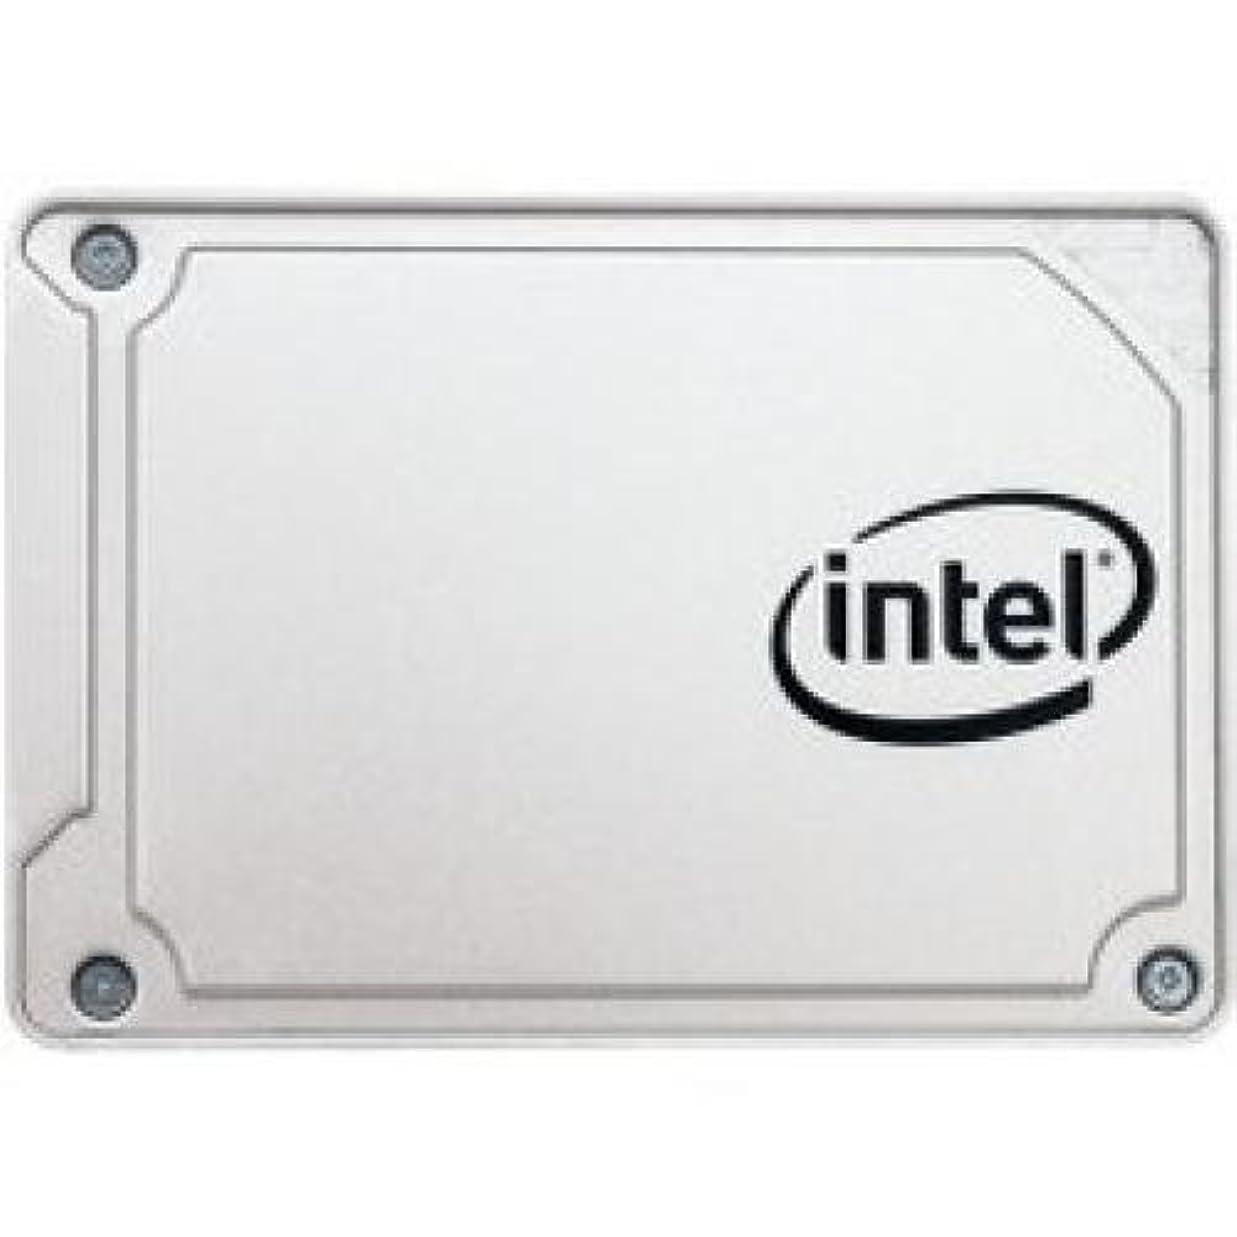 後継場所基礎理論インテルssdsc2kf256g8?X 1?SSD Pro 5450シリーズ256?GB 2.5?inInT SATA 6?Gb/s 3d2?TLC小売Single Pk